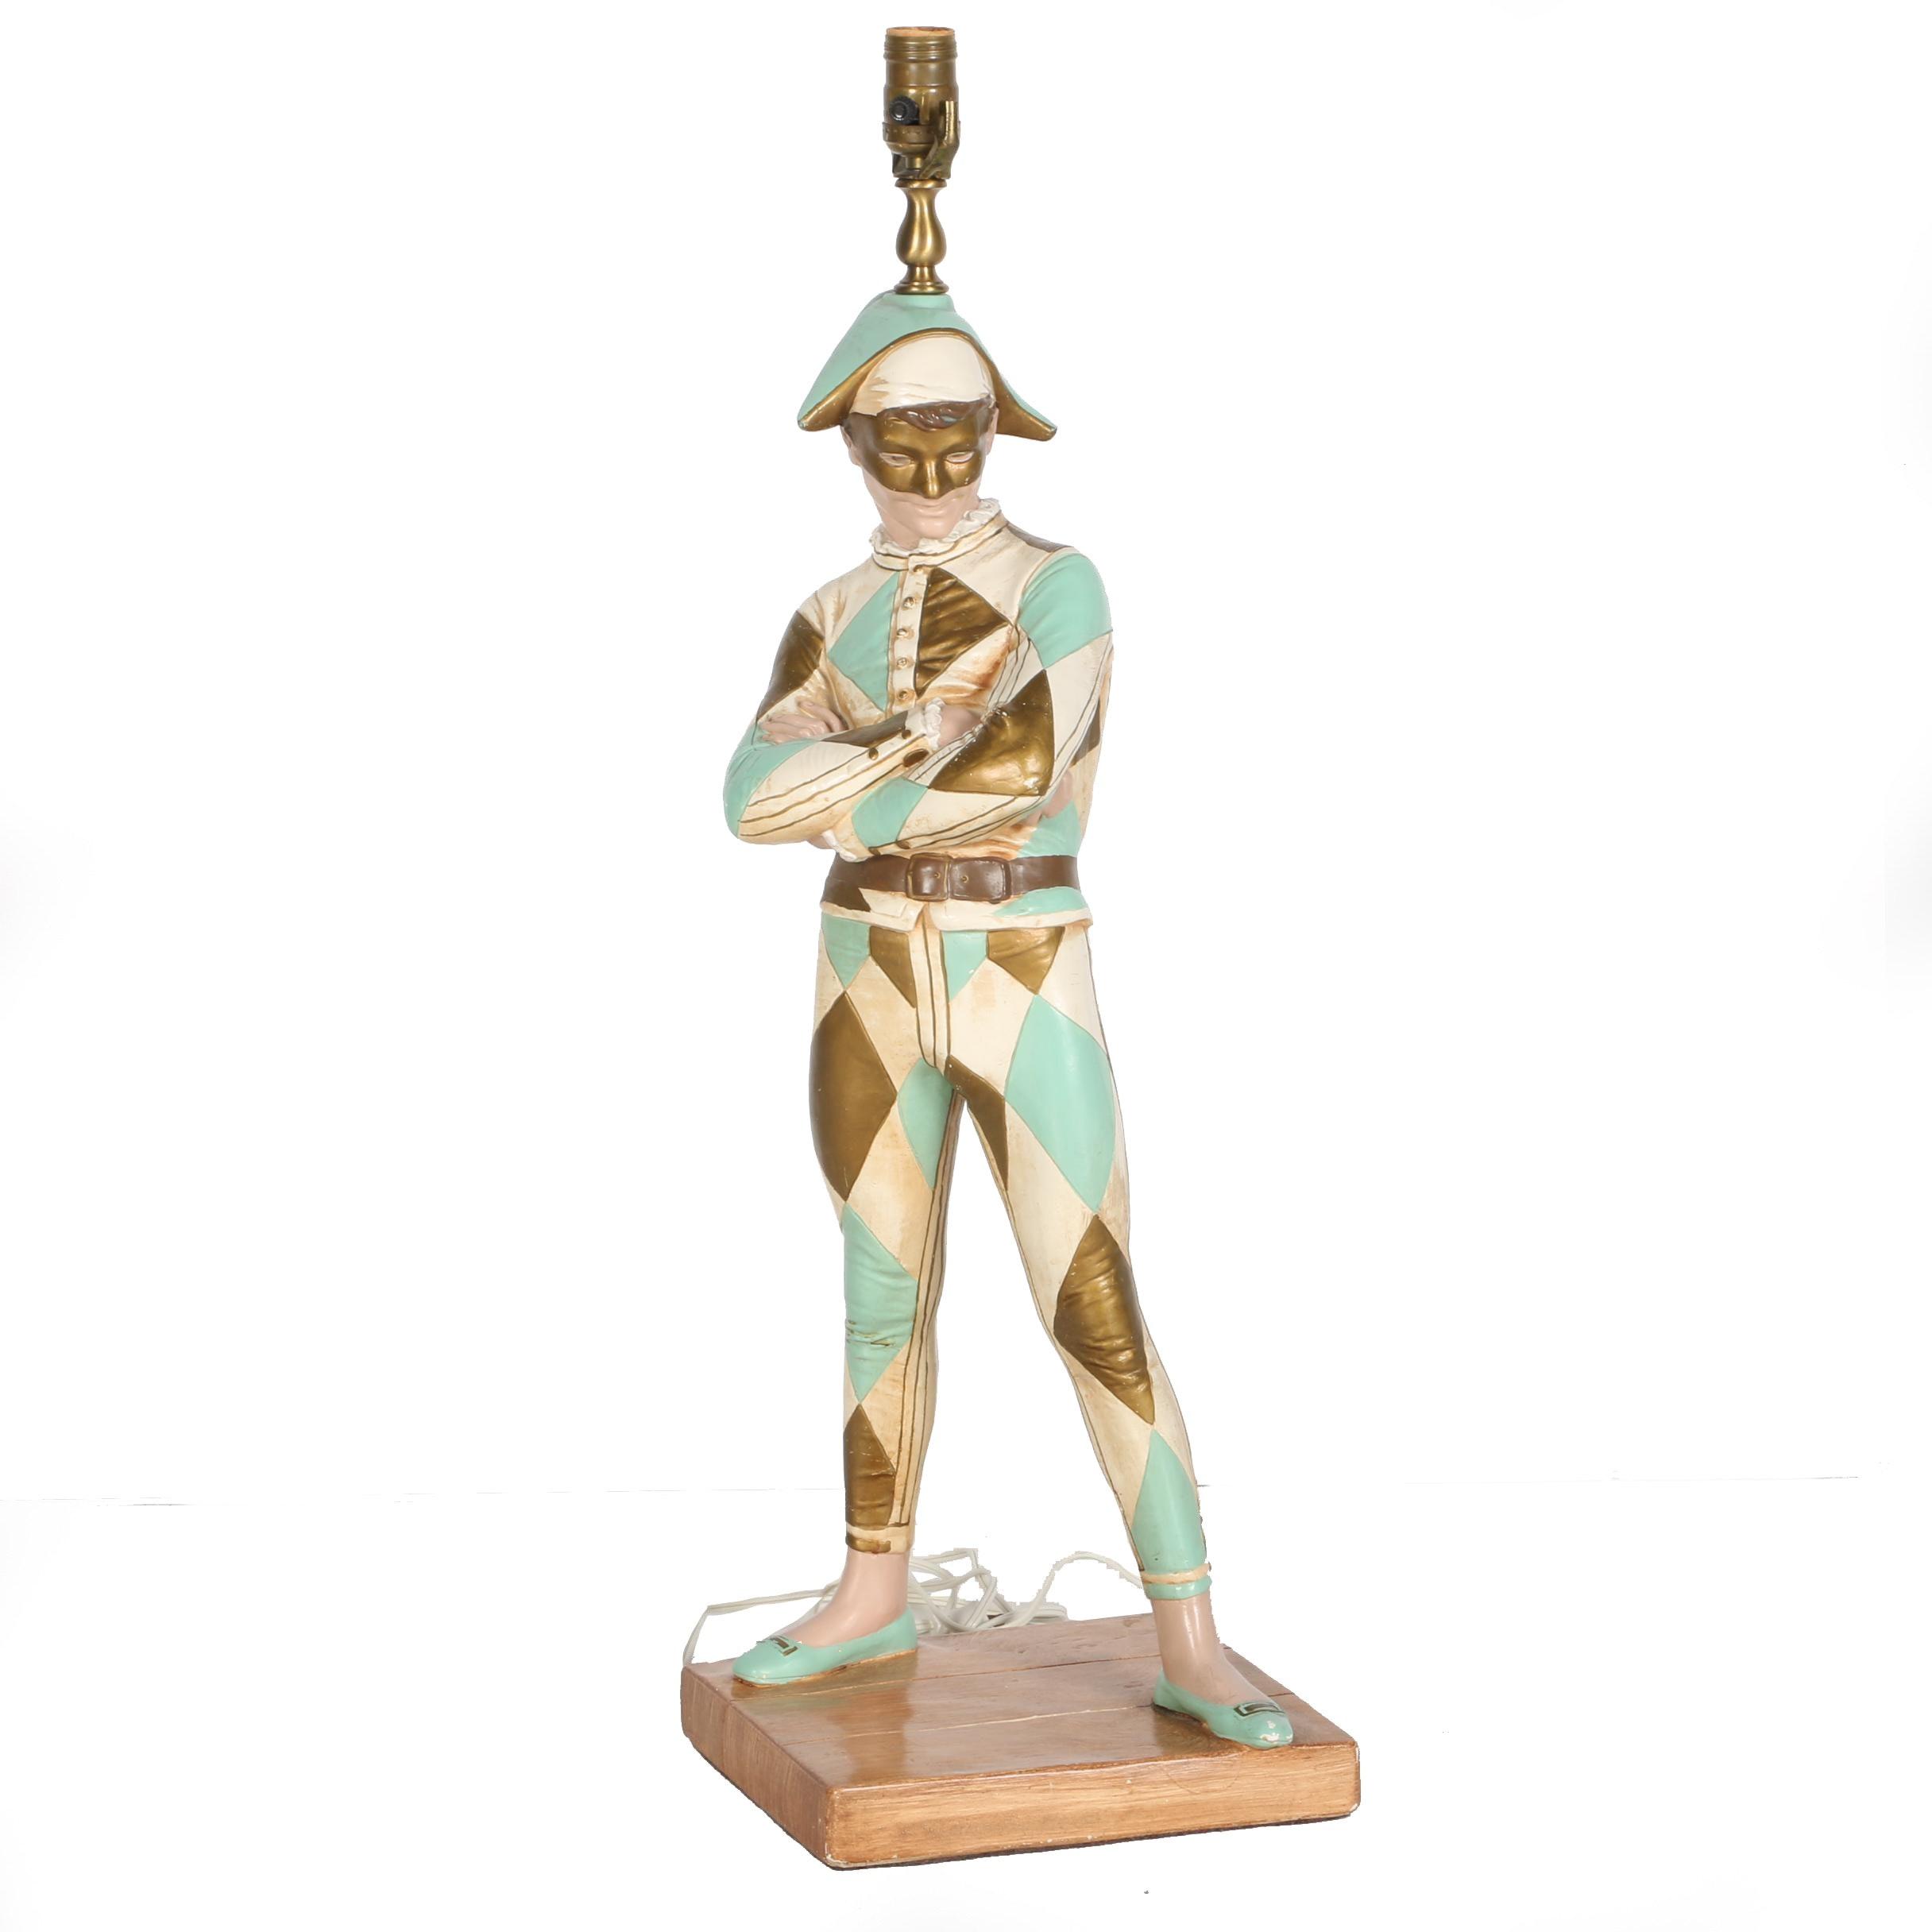 Hollywood Regency Harlequin Jester Lamp